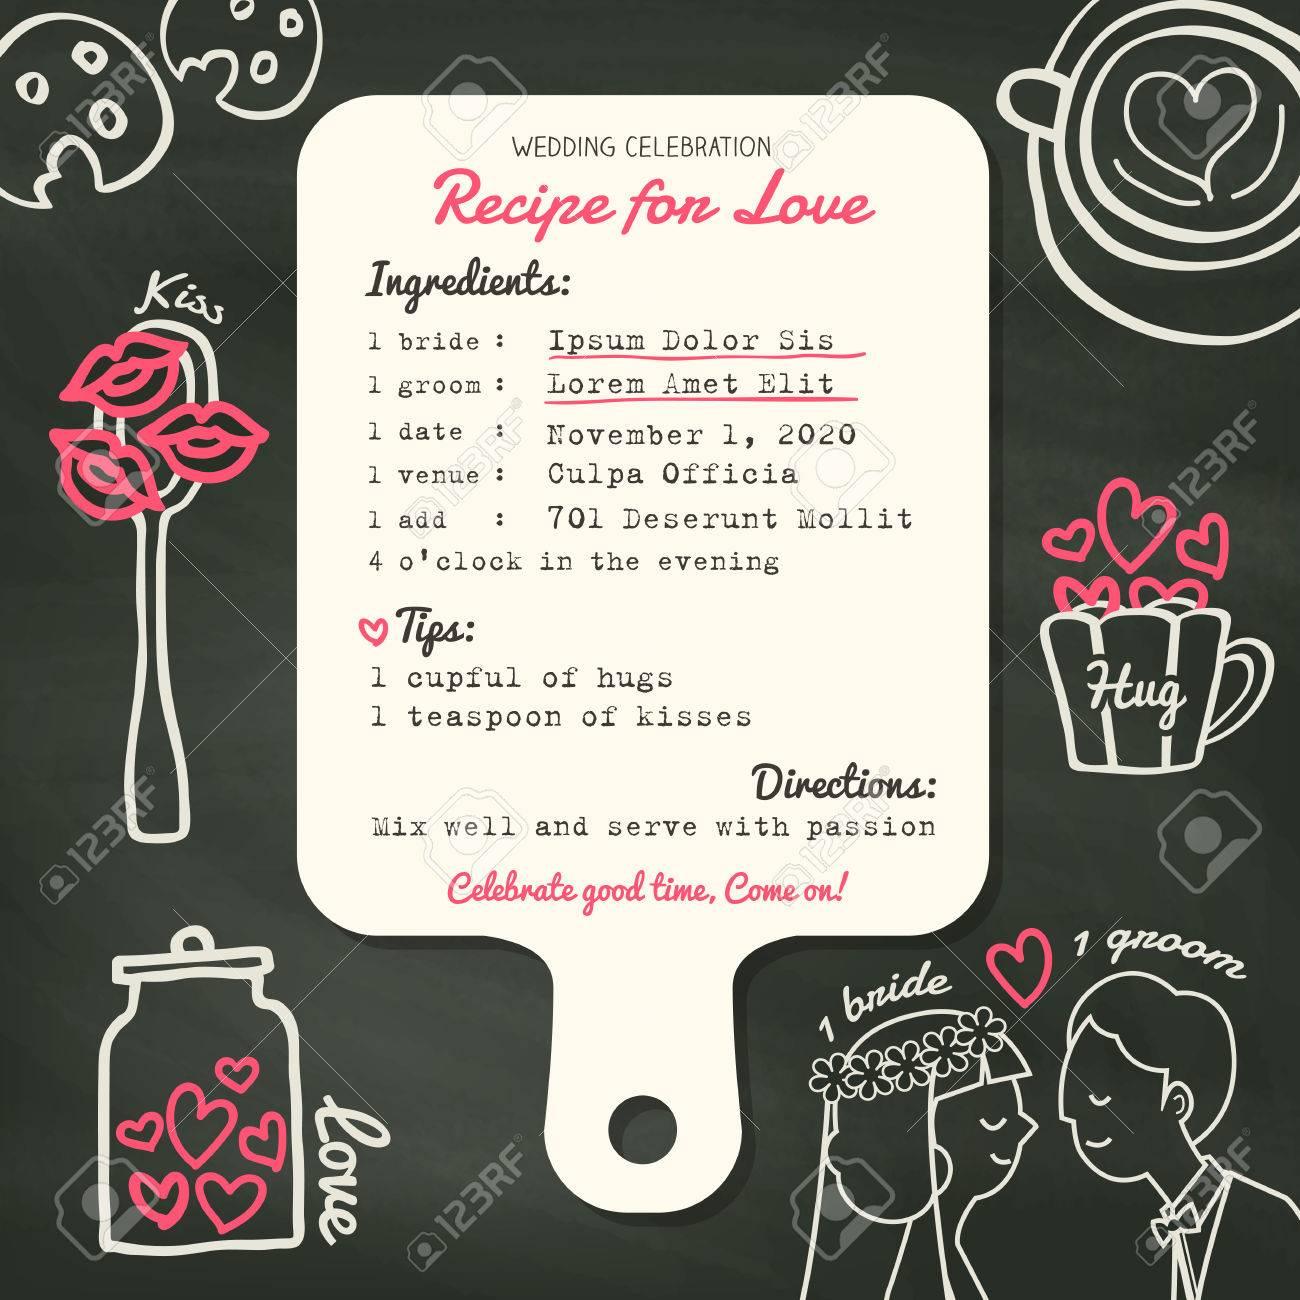 Rezeptkarte Kreative Hochzeit Einladung Design Vorlage Mit Kochkonzept  Lizenzfreie Bilder   47210561